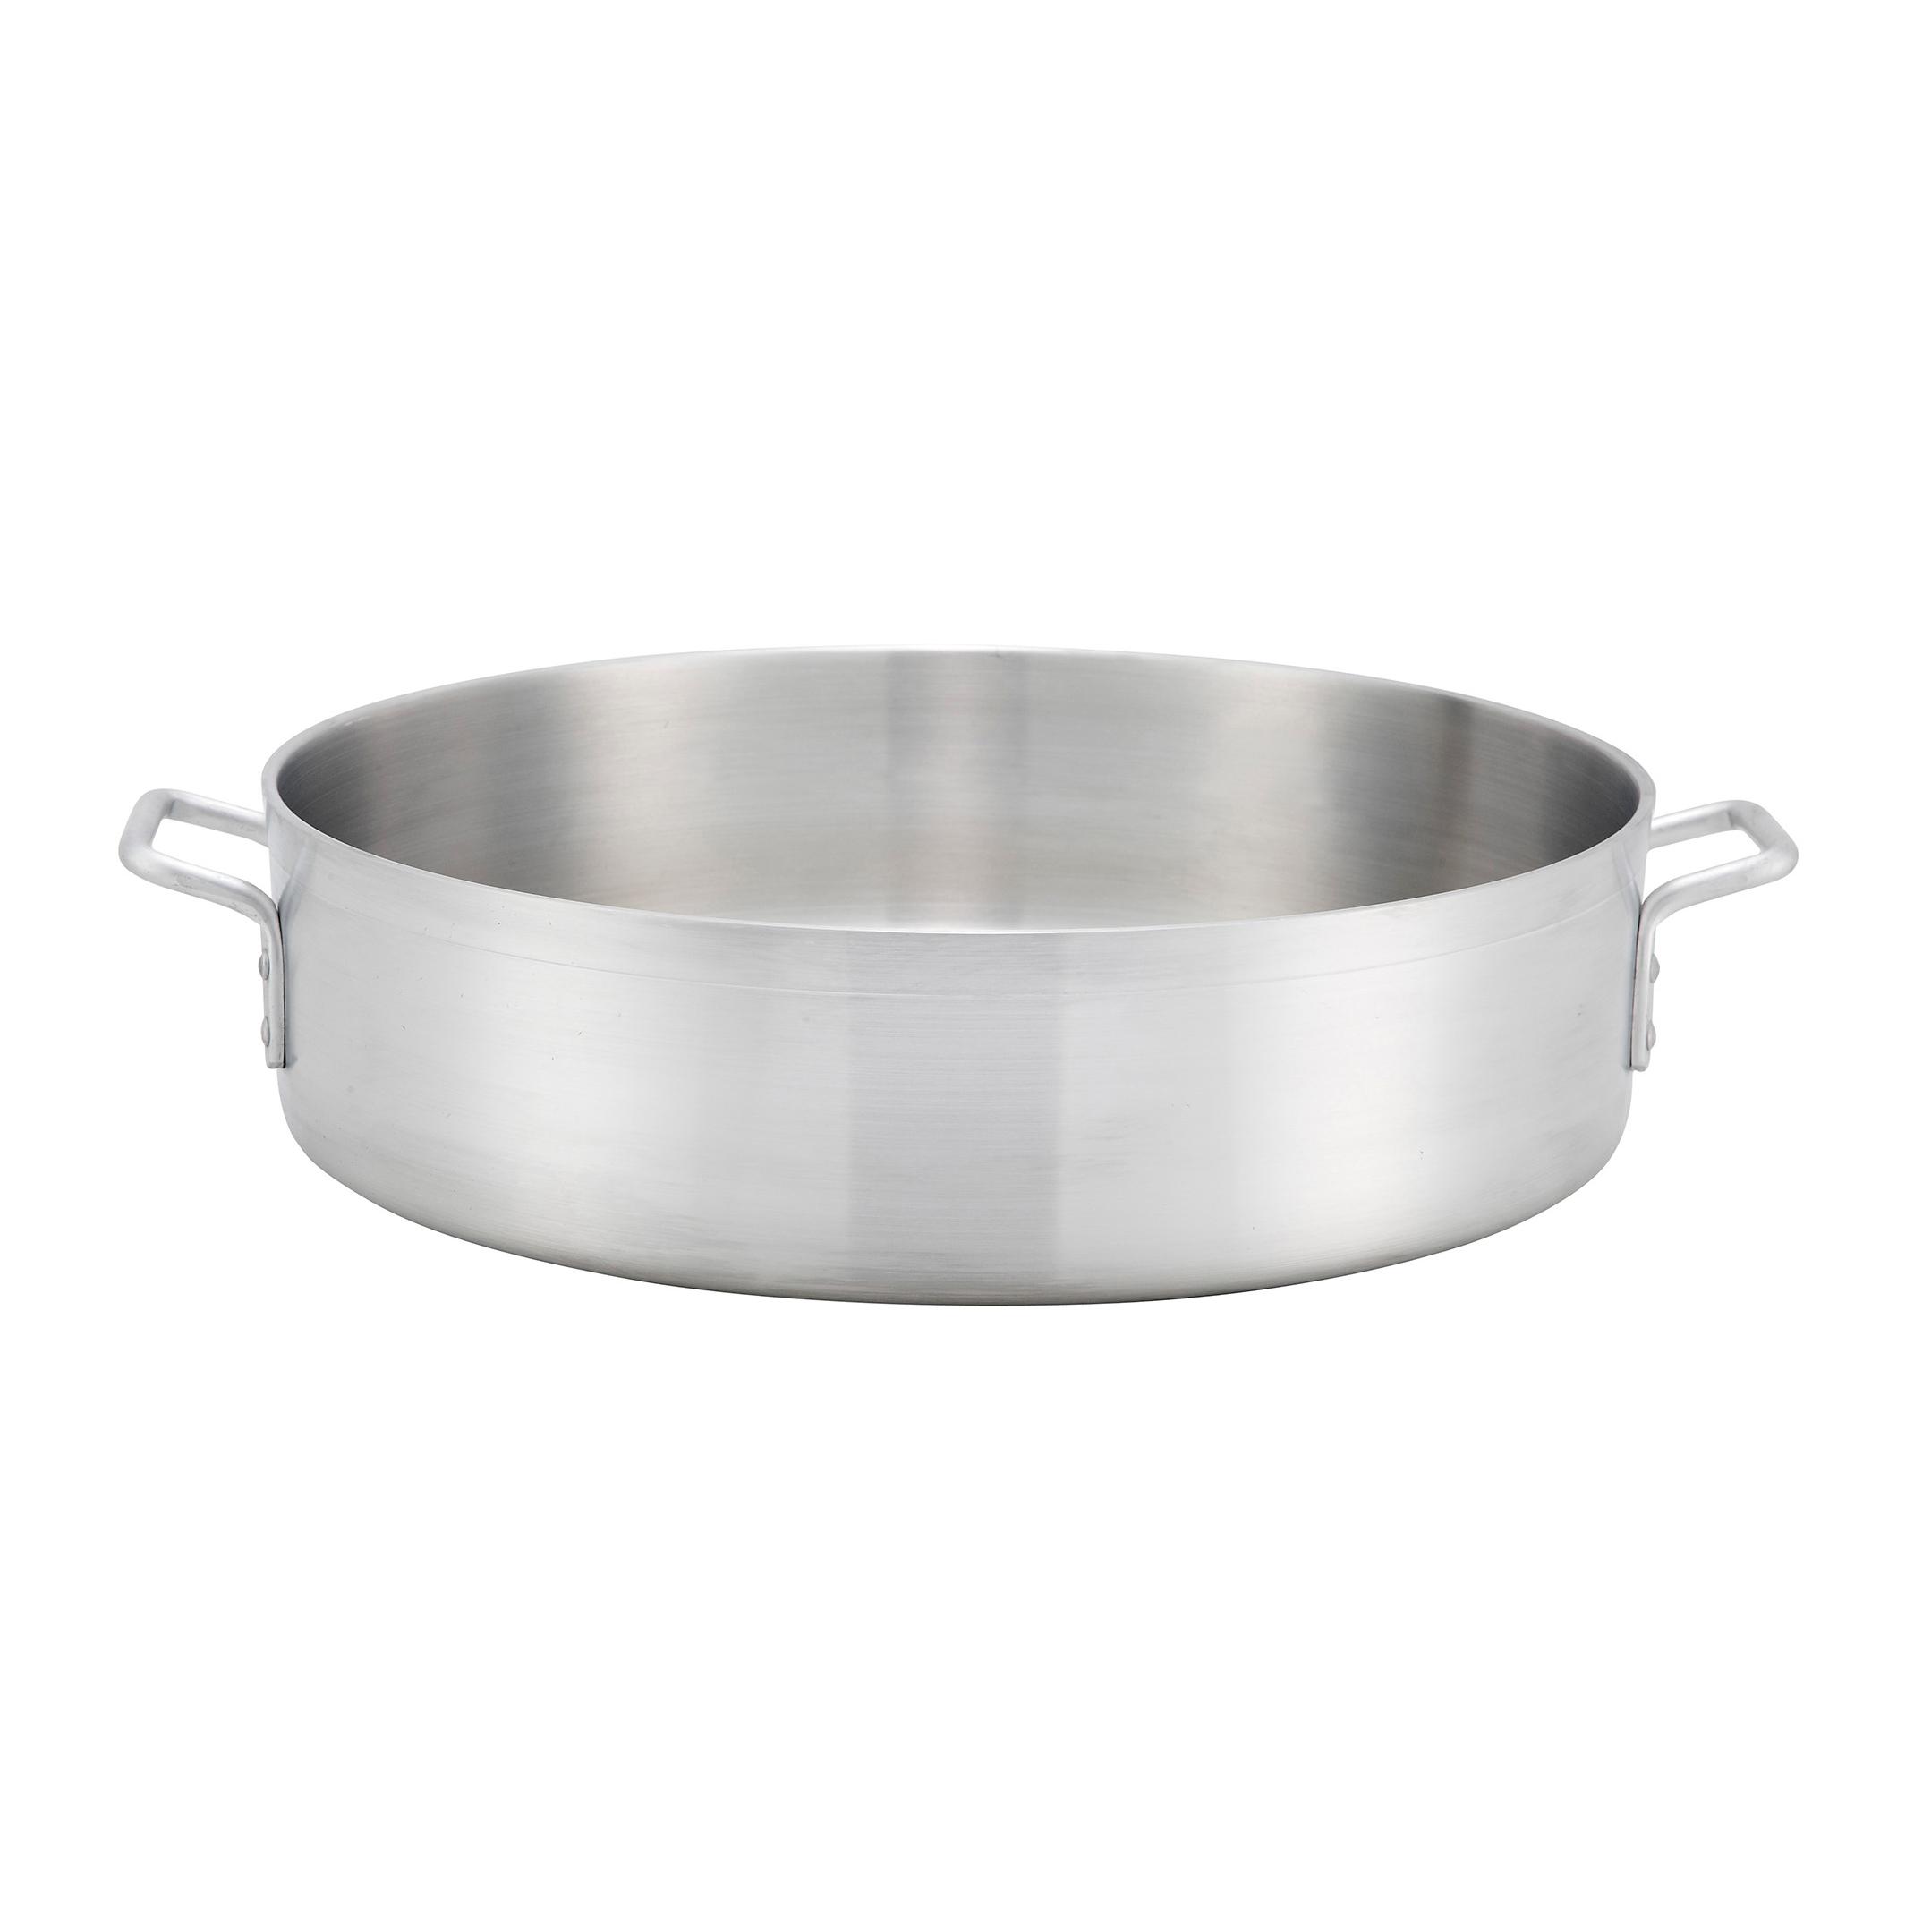 Winco ALBH-40 brazier pan